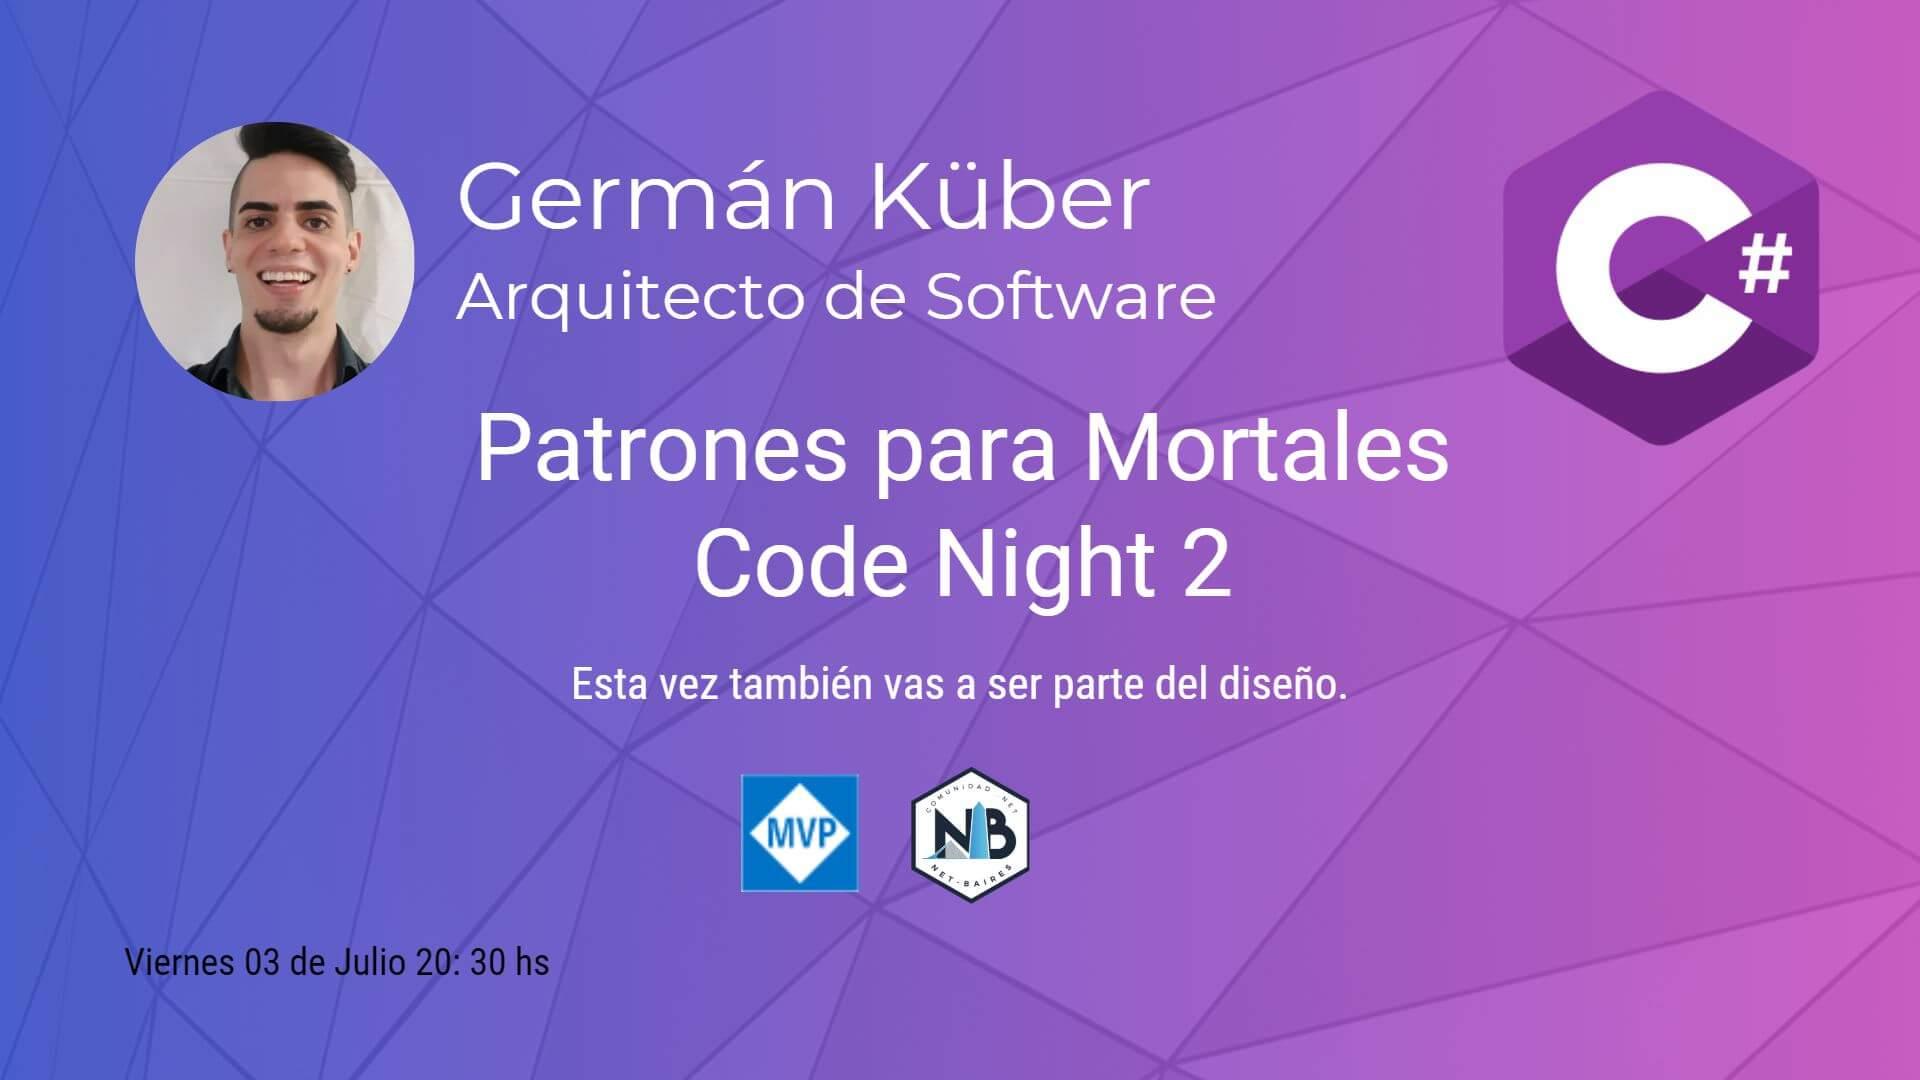 Code Night 2